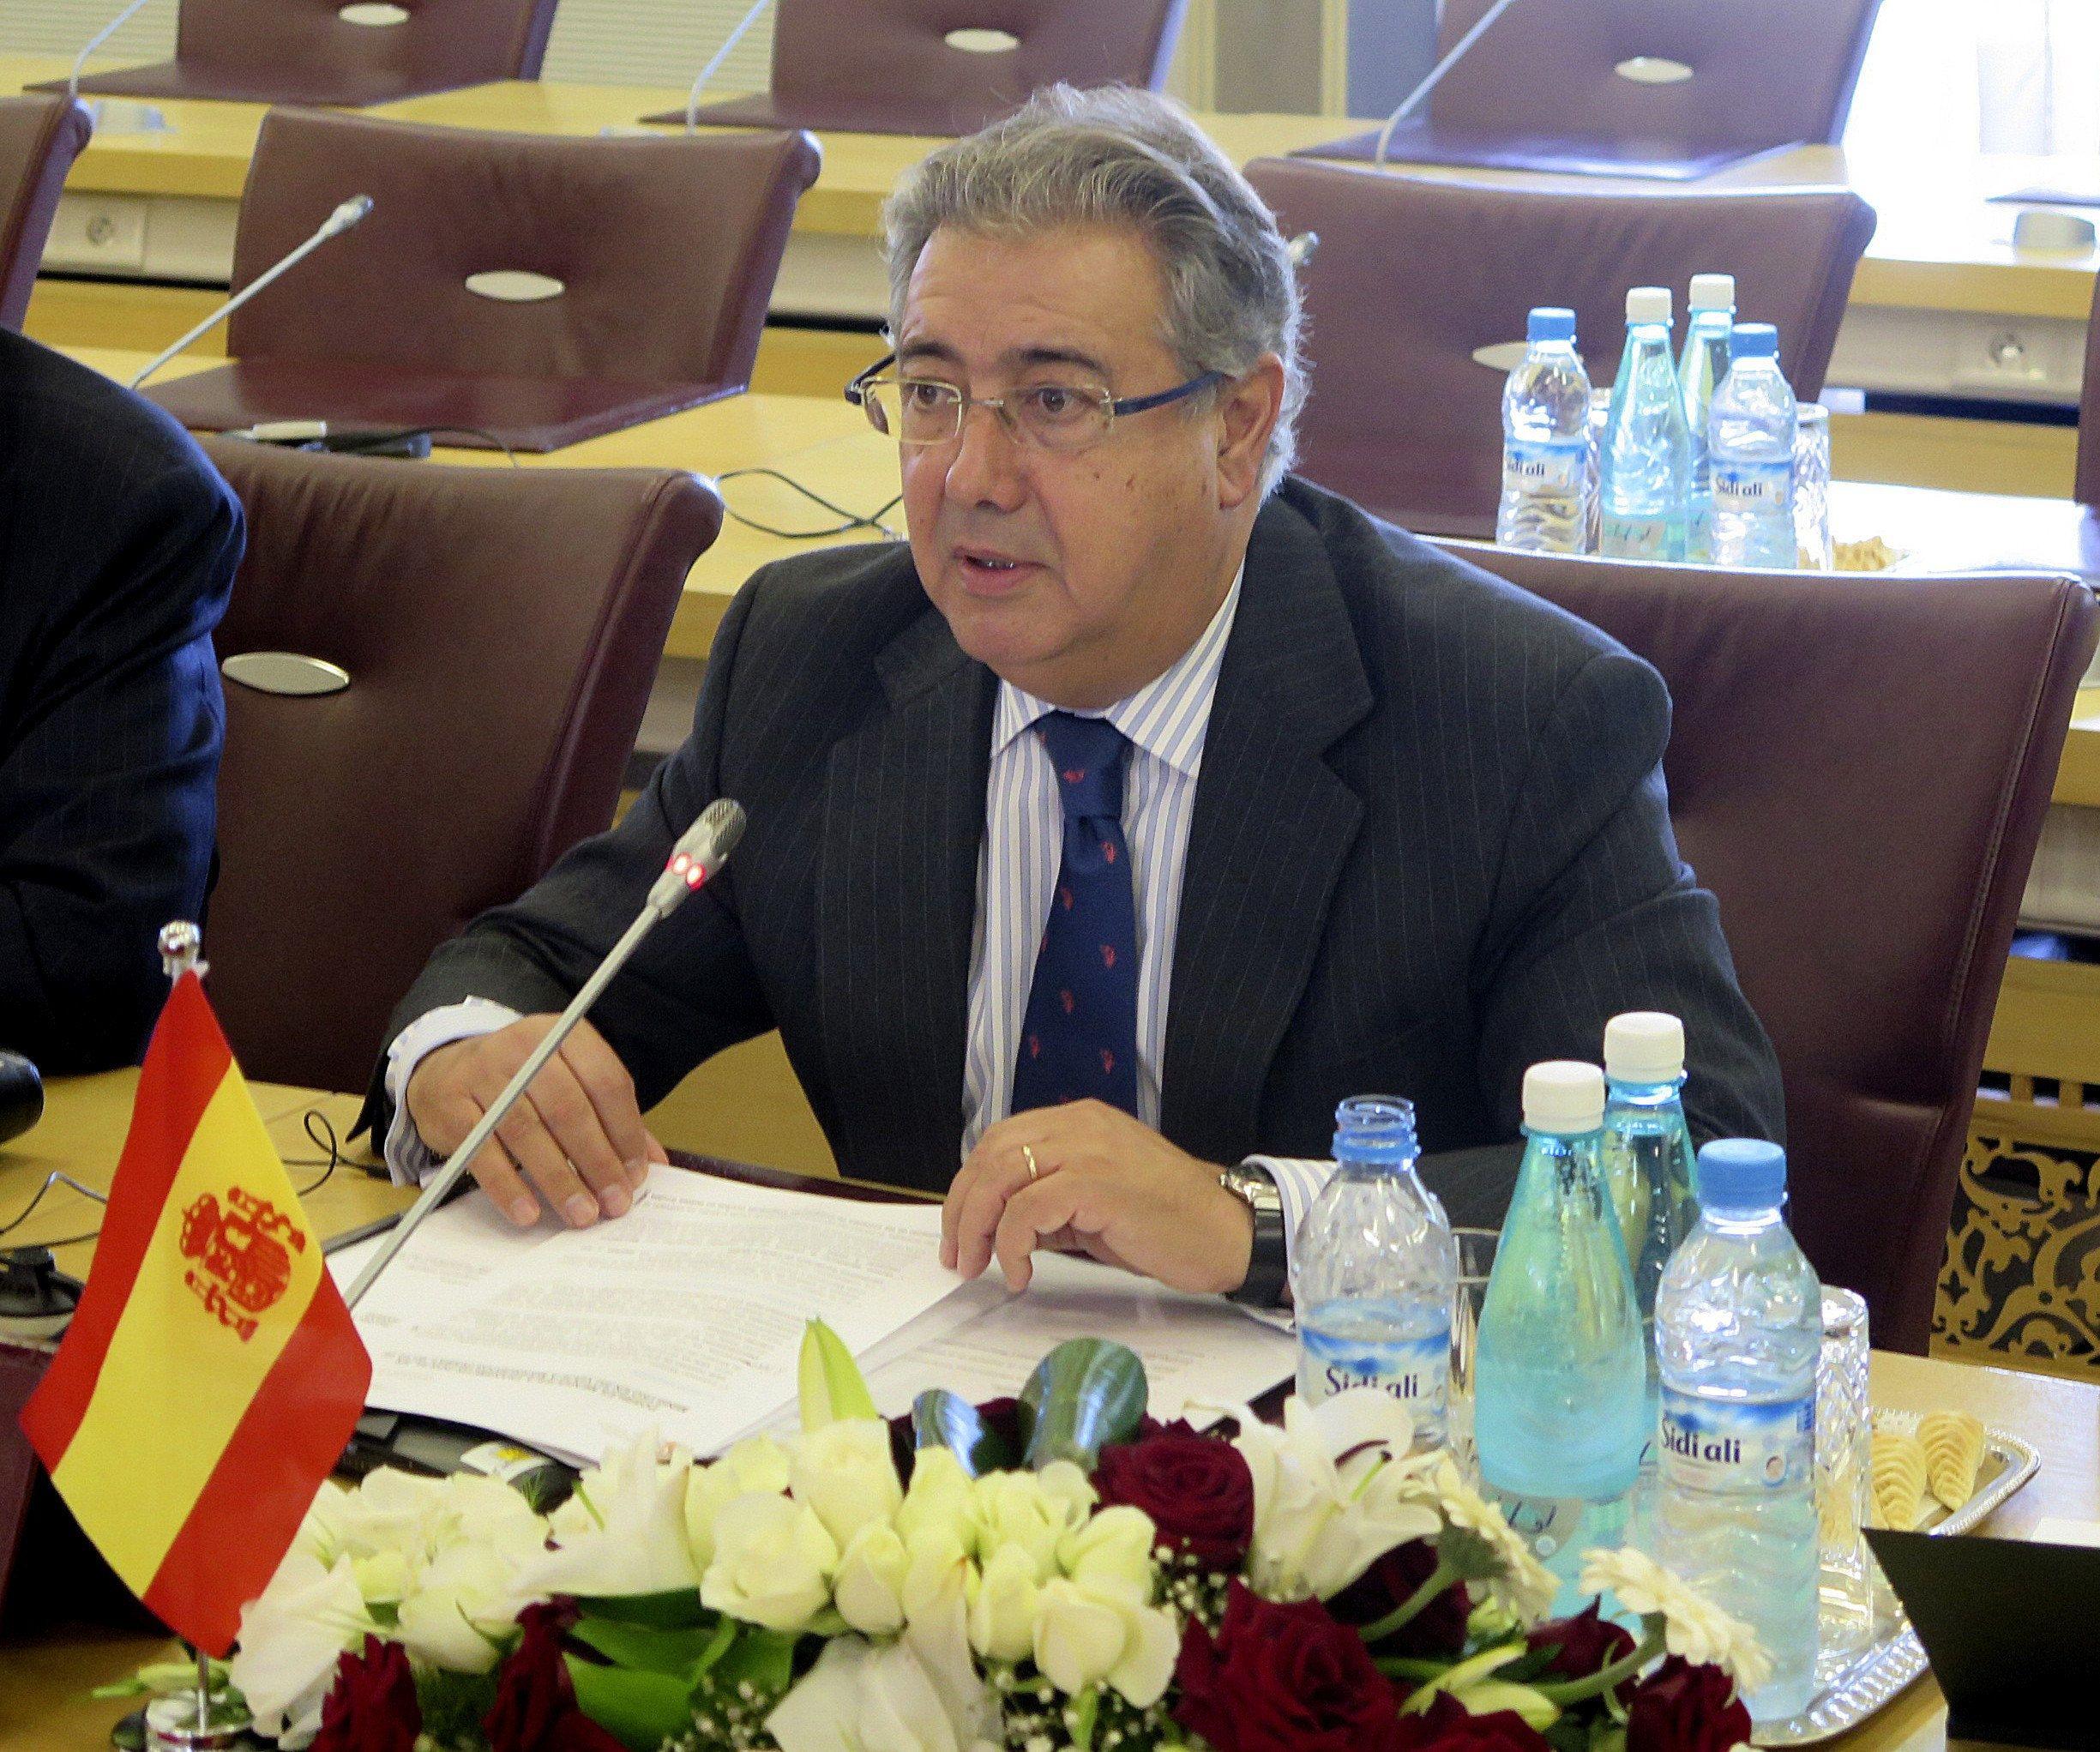 El ministre d 39 interior titlla de xantatge la cimera pel for Ministre interior